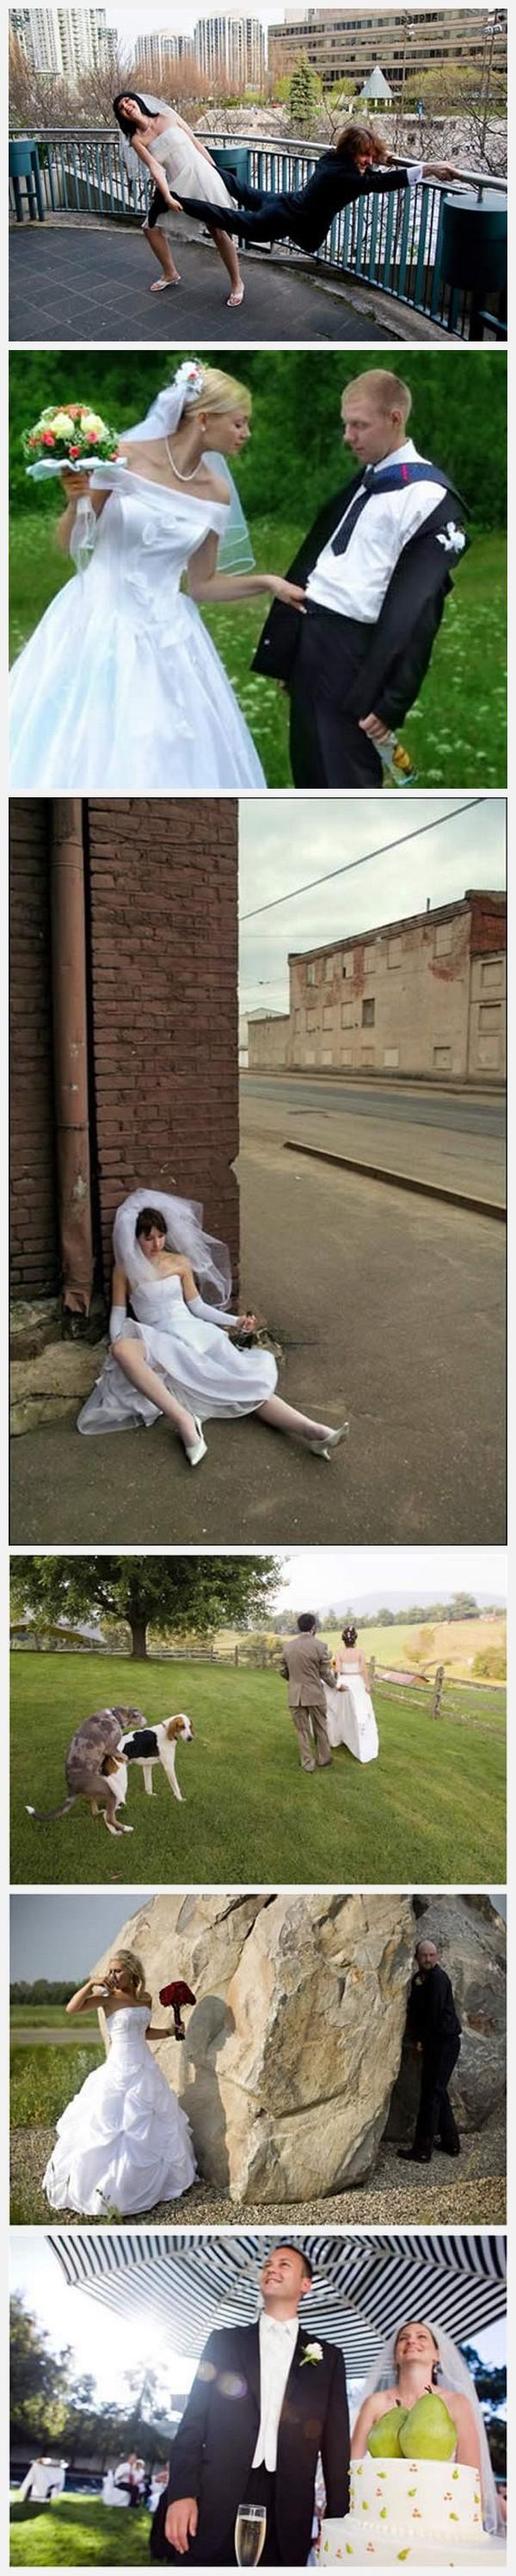 fotos graciosas risa bodas recien casados humor